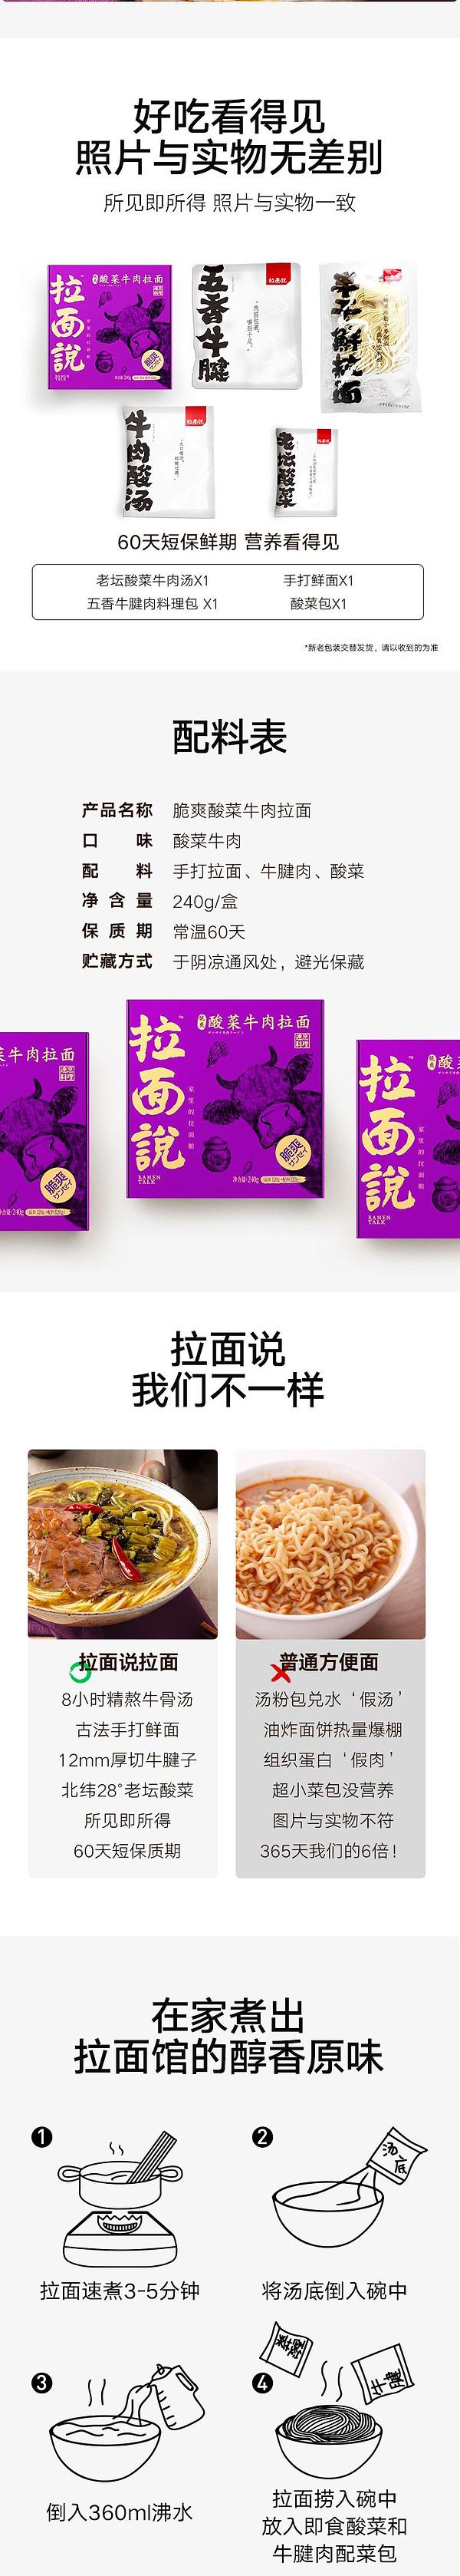 酸菜牛肉-长图_03.jpg